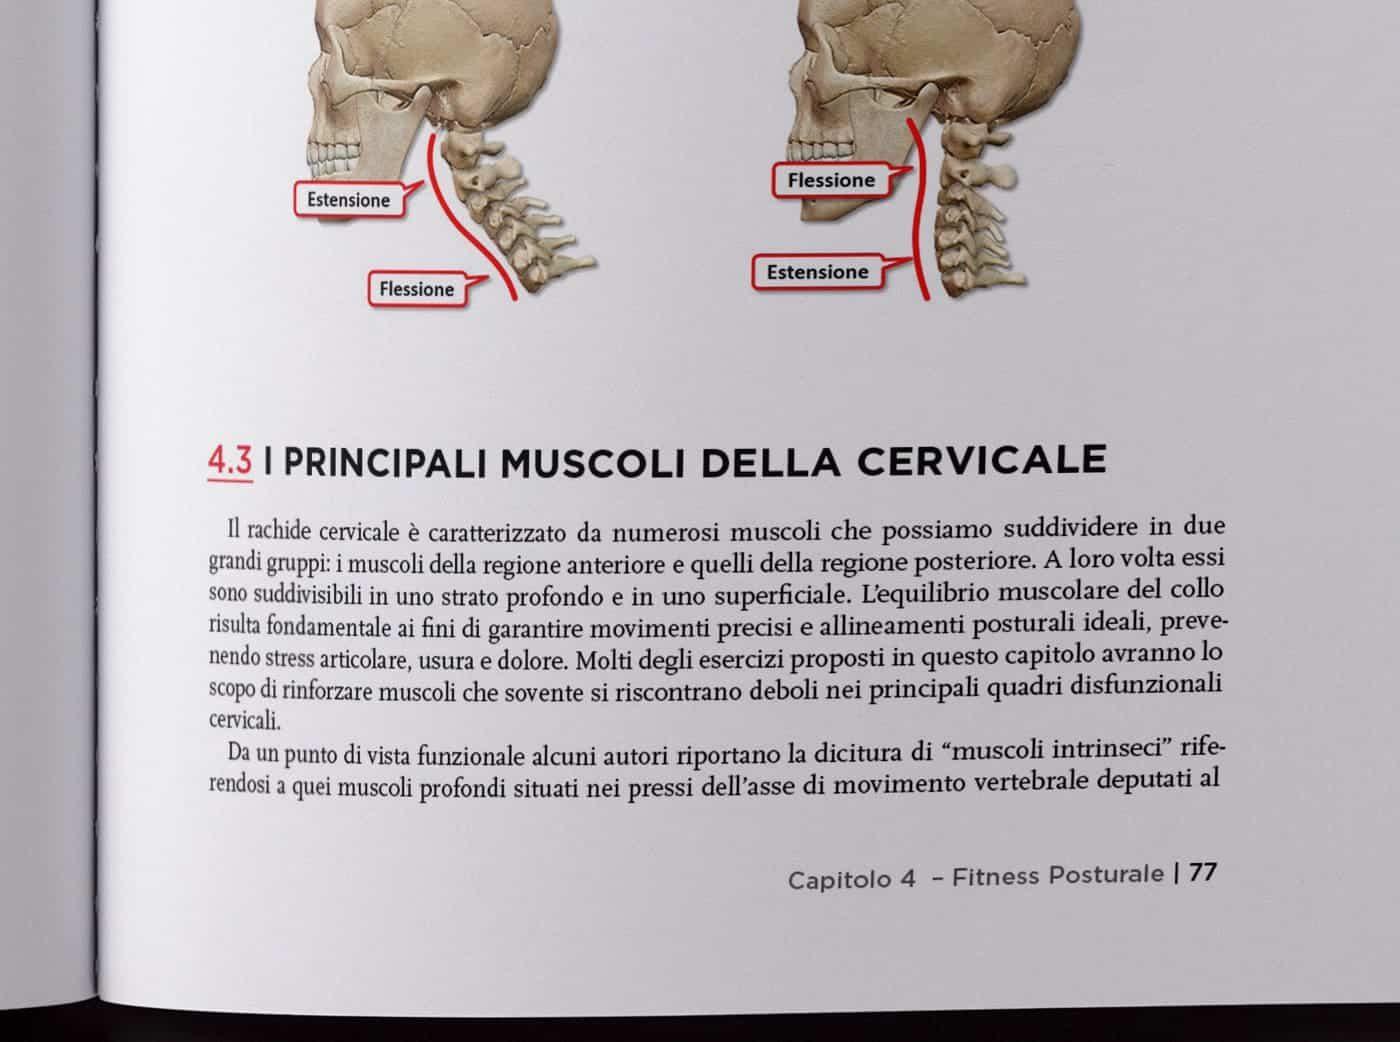 Fitness Posturale Vol 1 Illustrazioni Paolo Evangelista